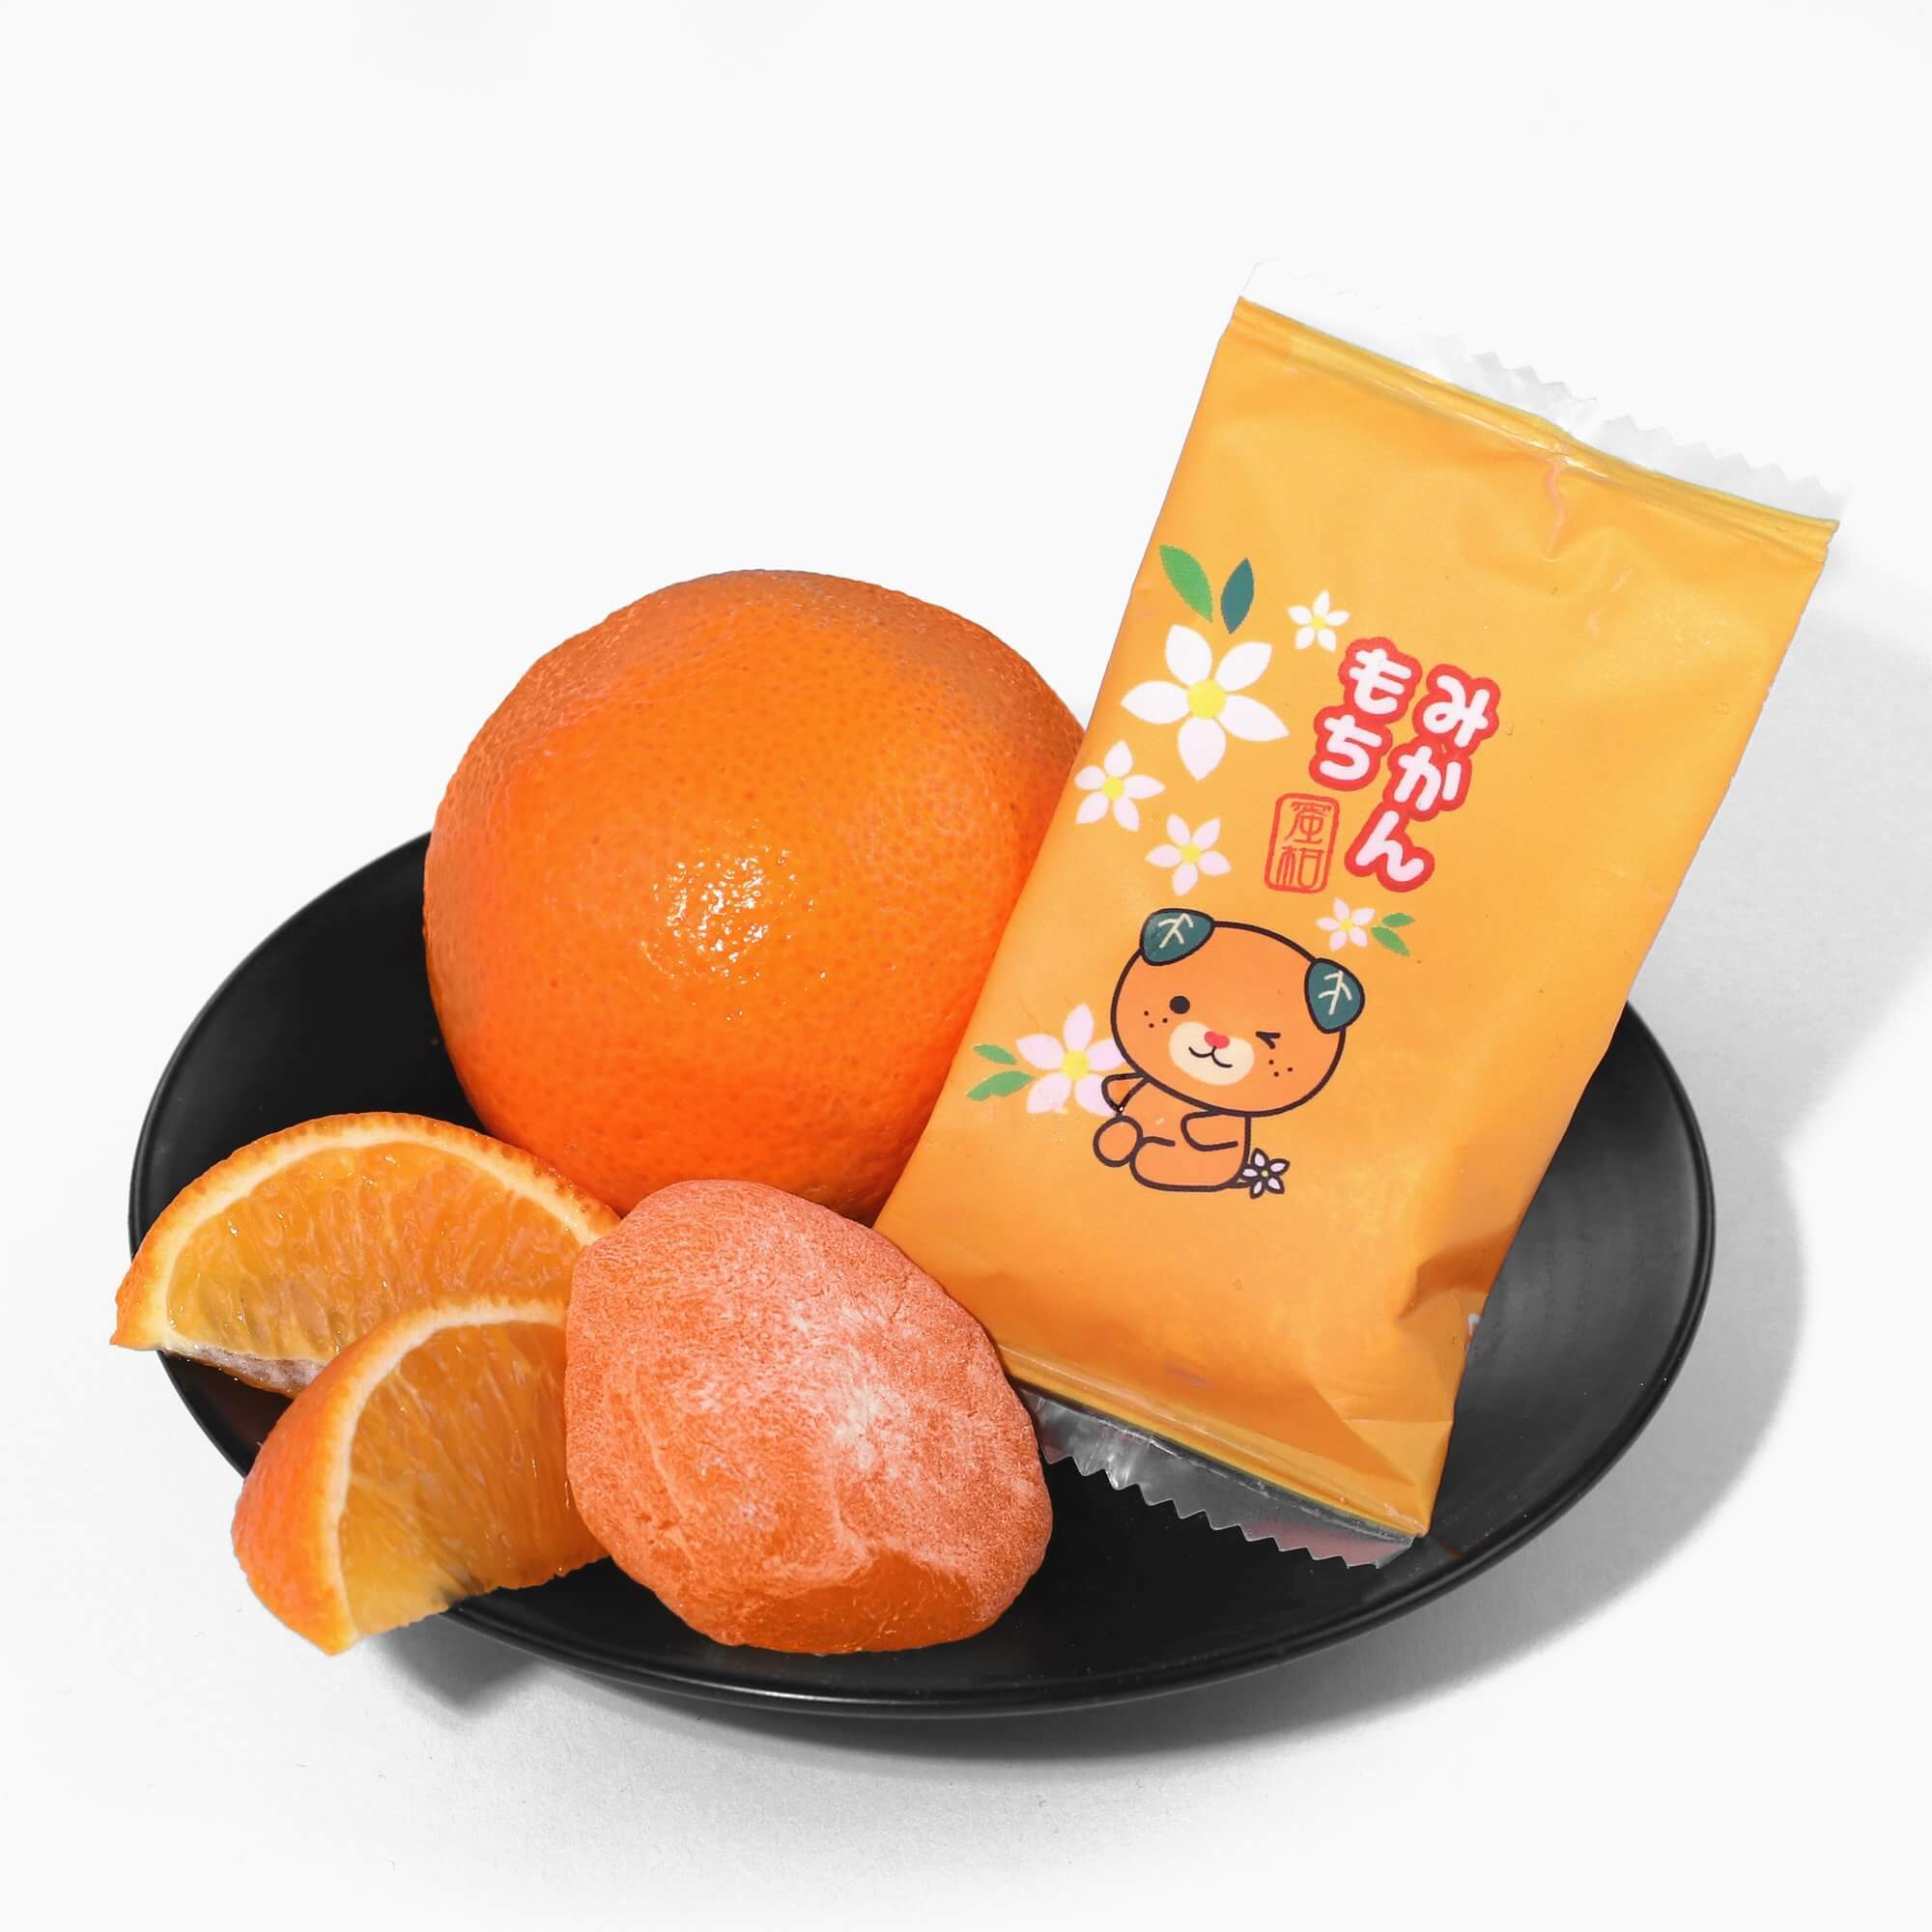 Pom Ponjuice Mikan Orange Mochi